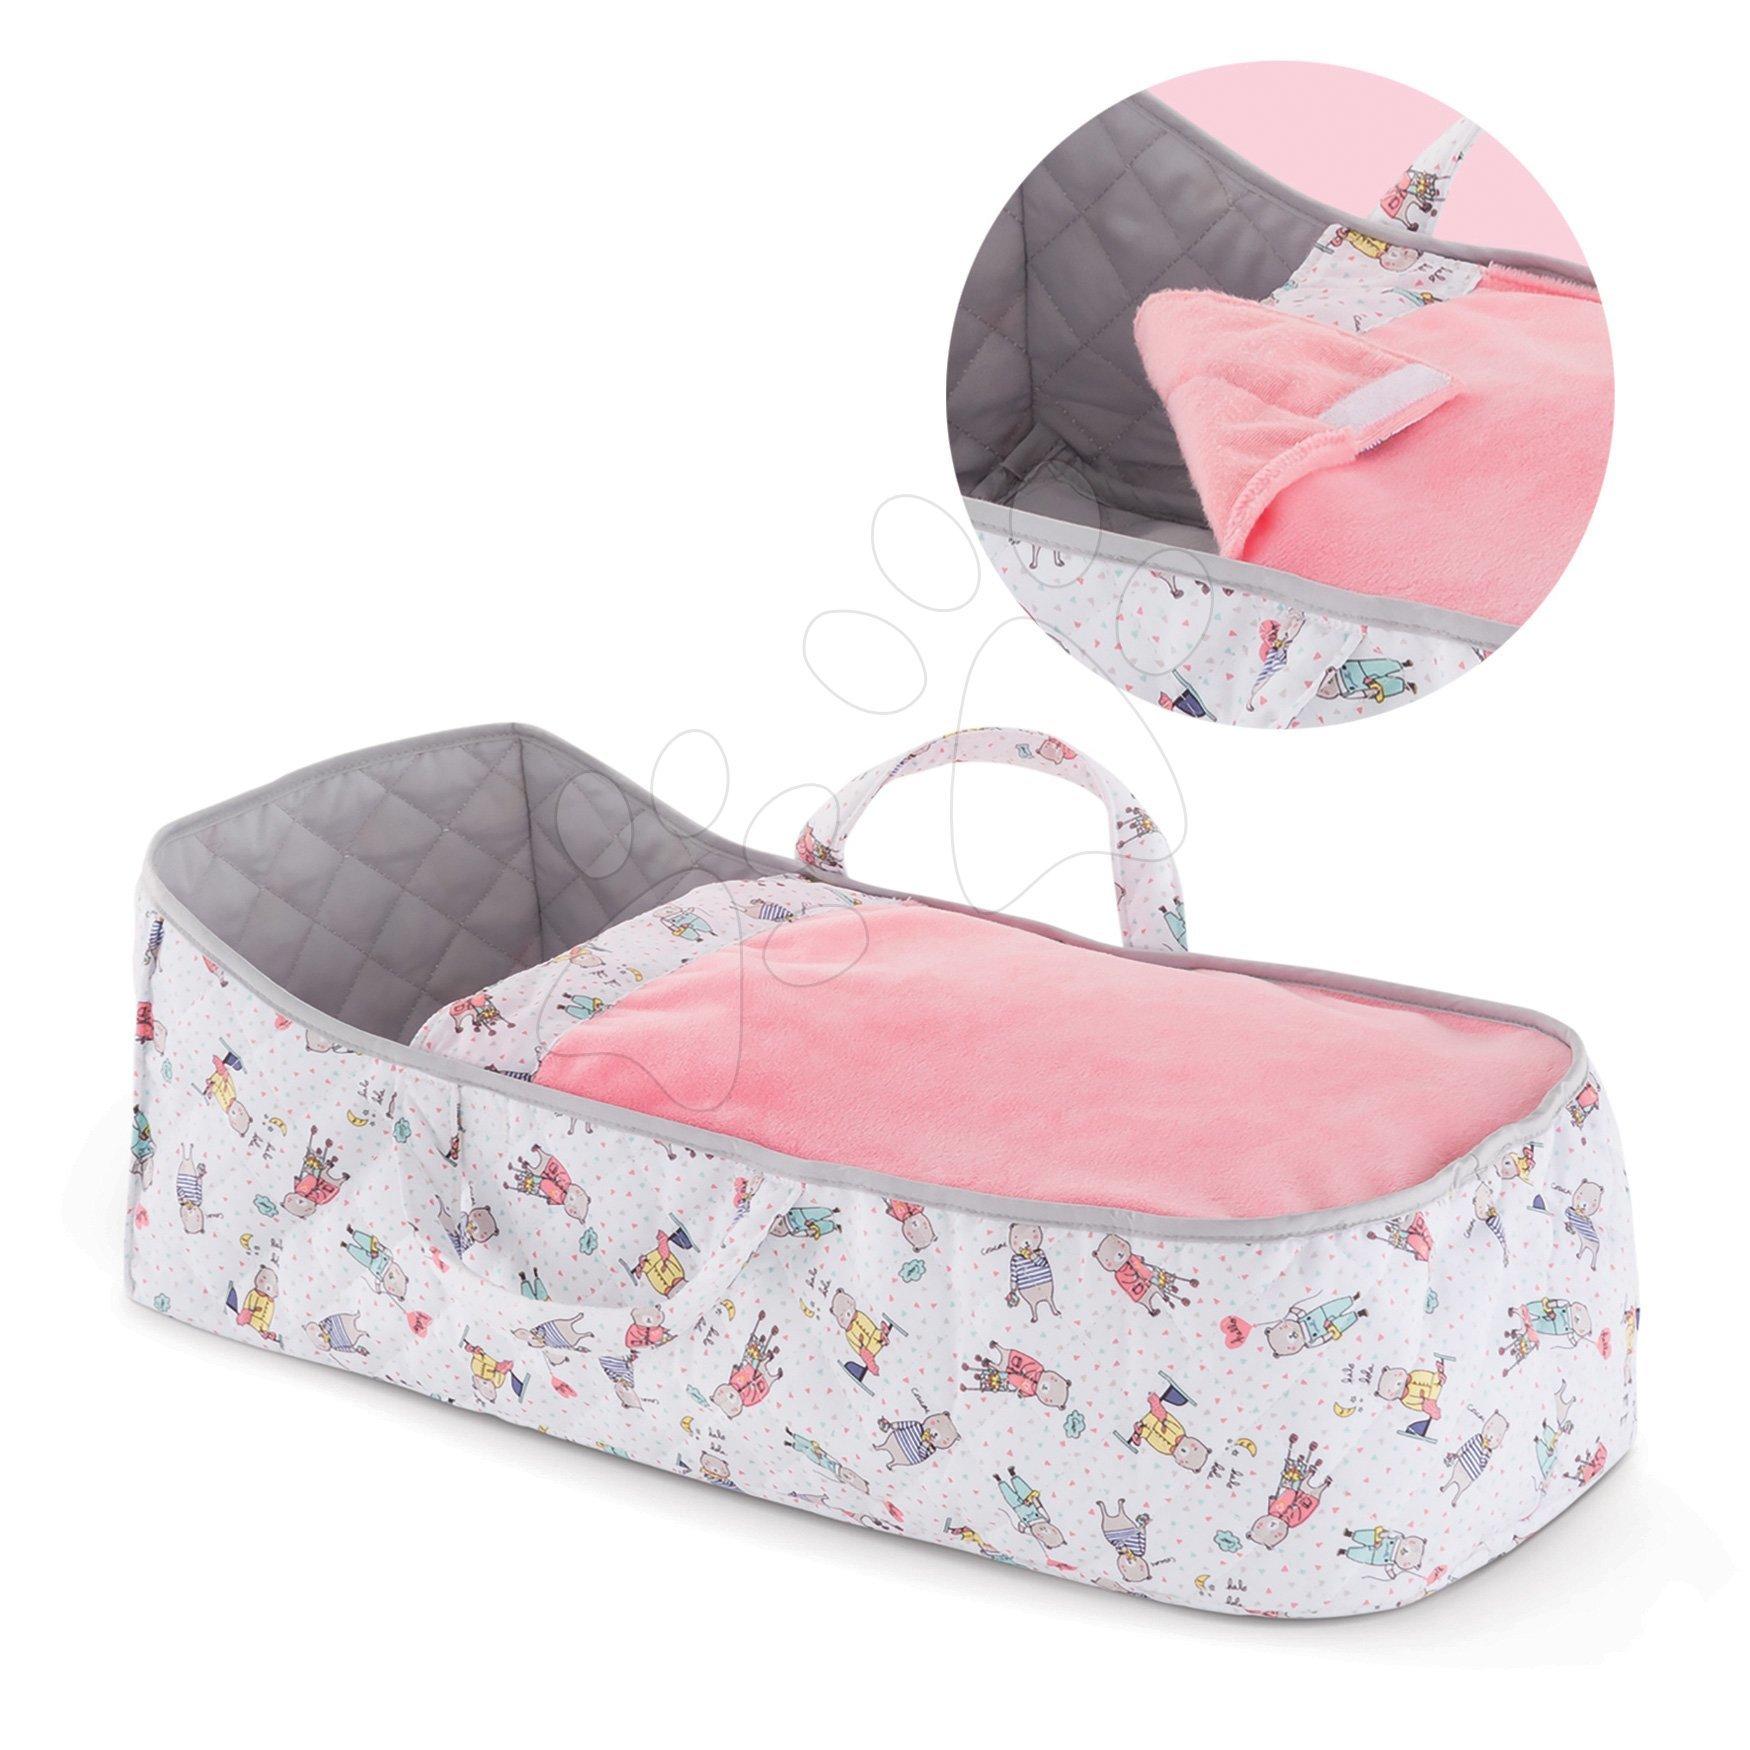 Pătuț portabil Carry Bed Mon Grand Poupon Corolle pentru păpușă de 36-42 cm de la 24 de luni